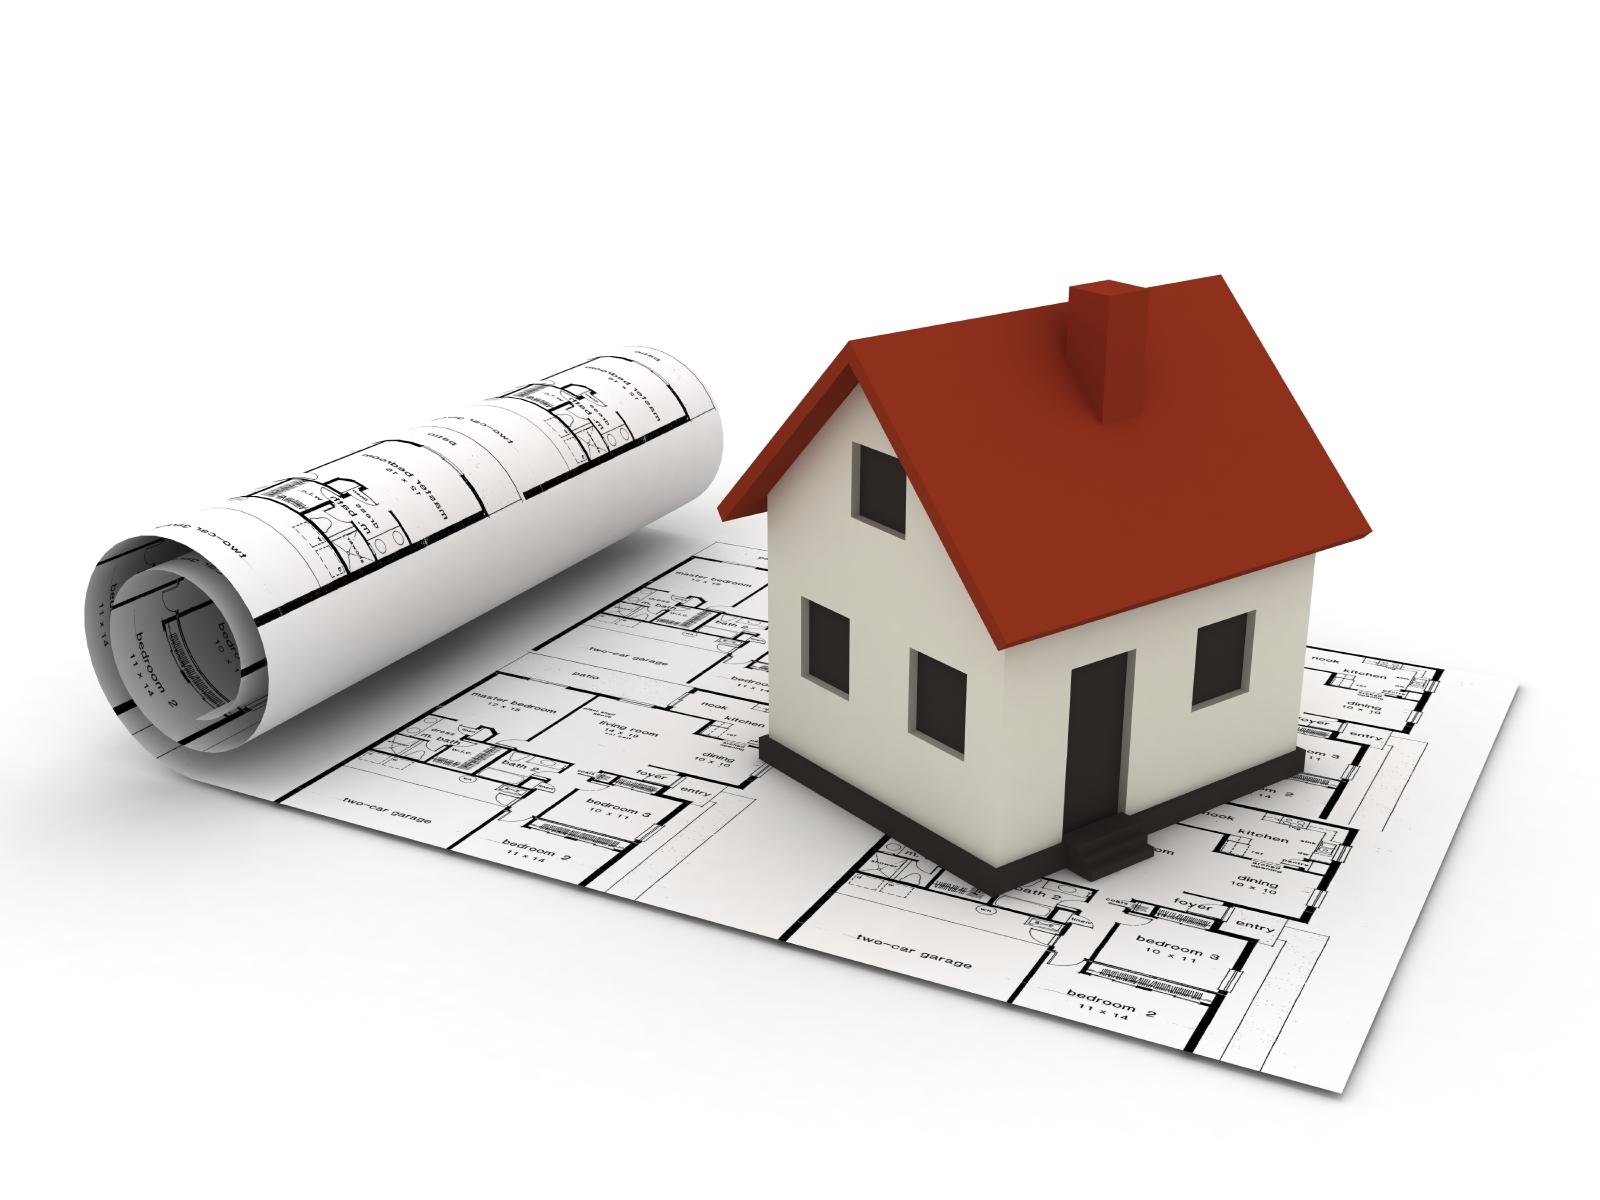 документы для ипотеки под строительство склонны полагать